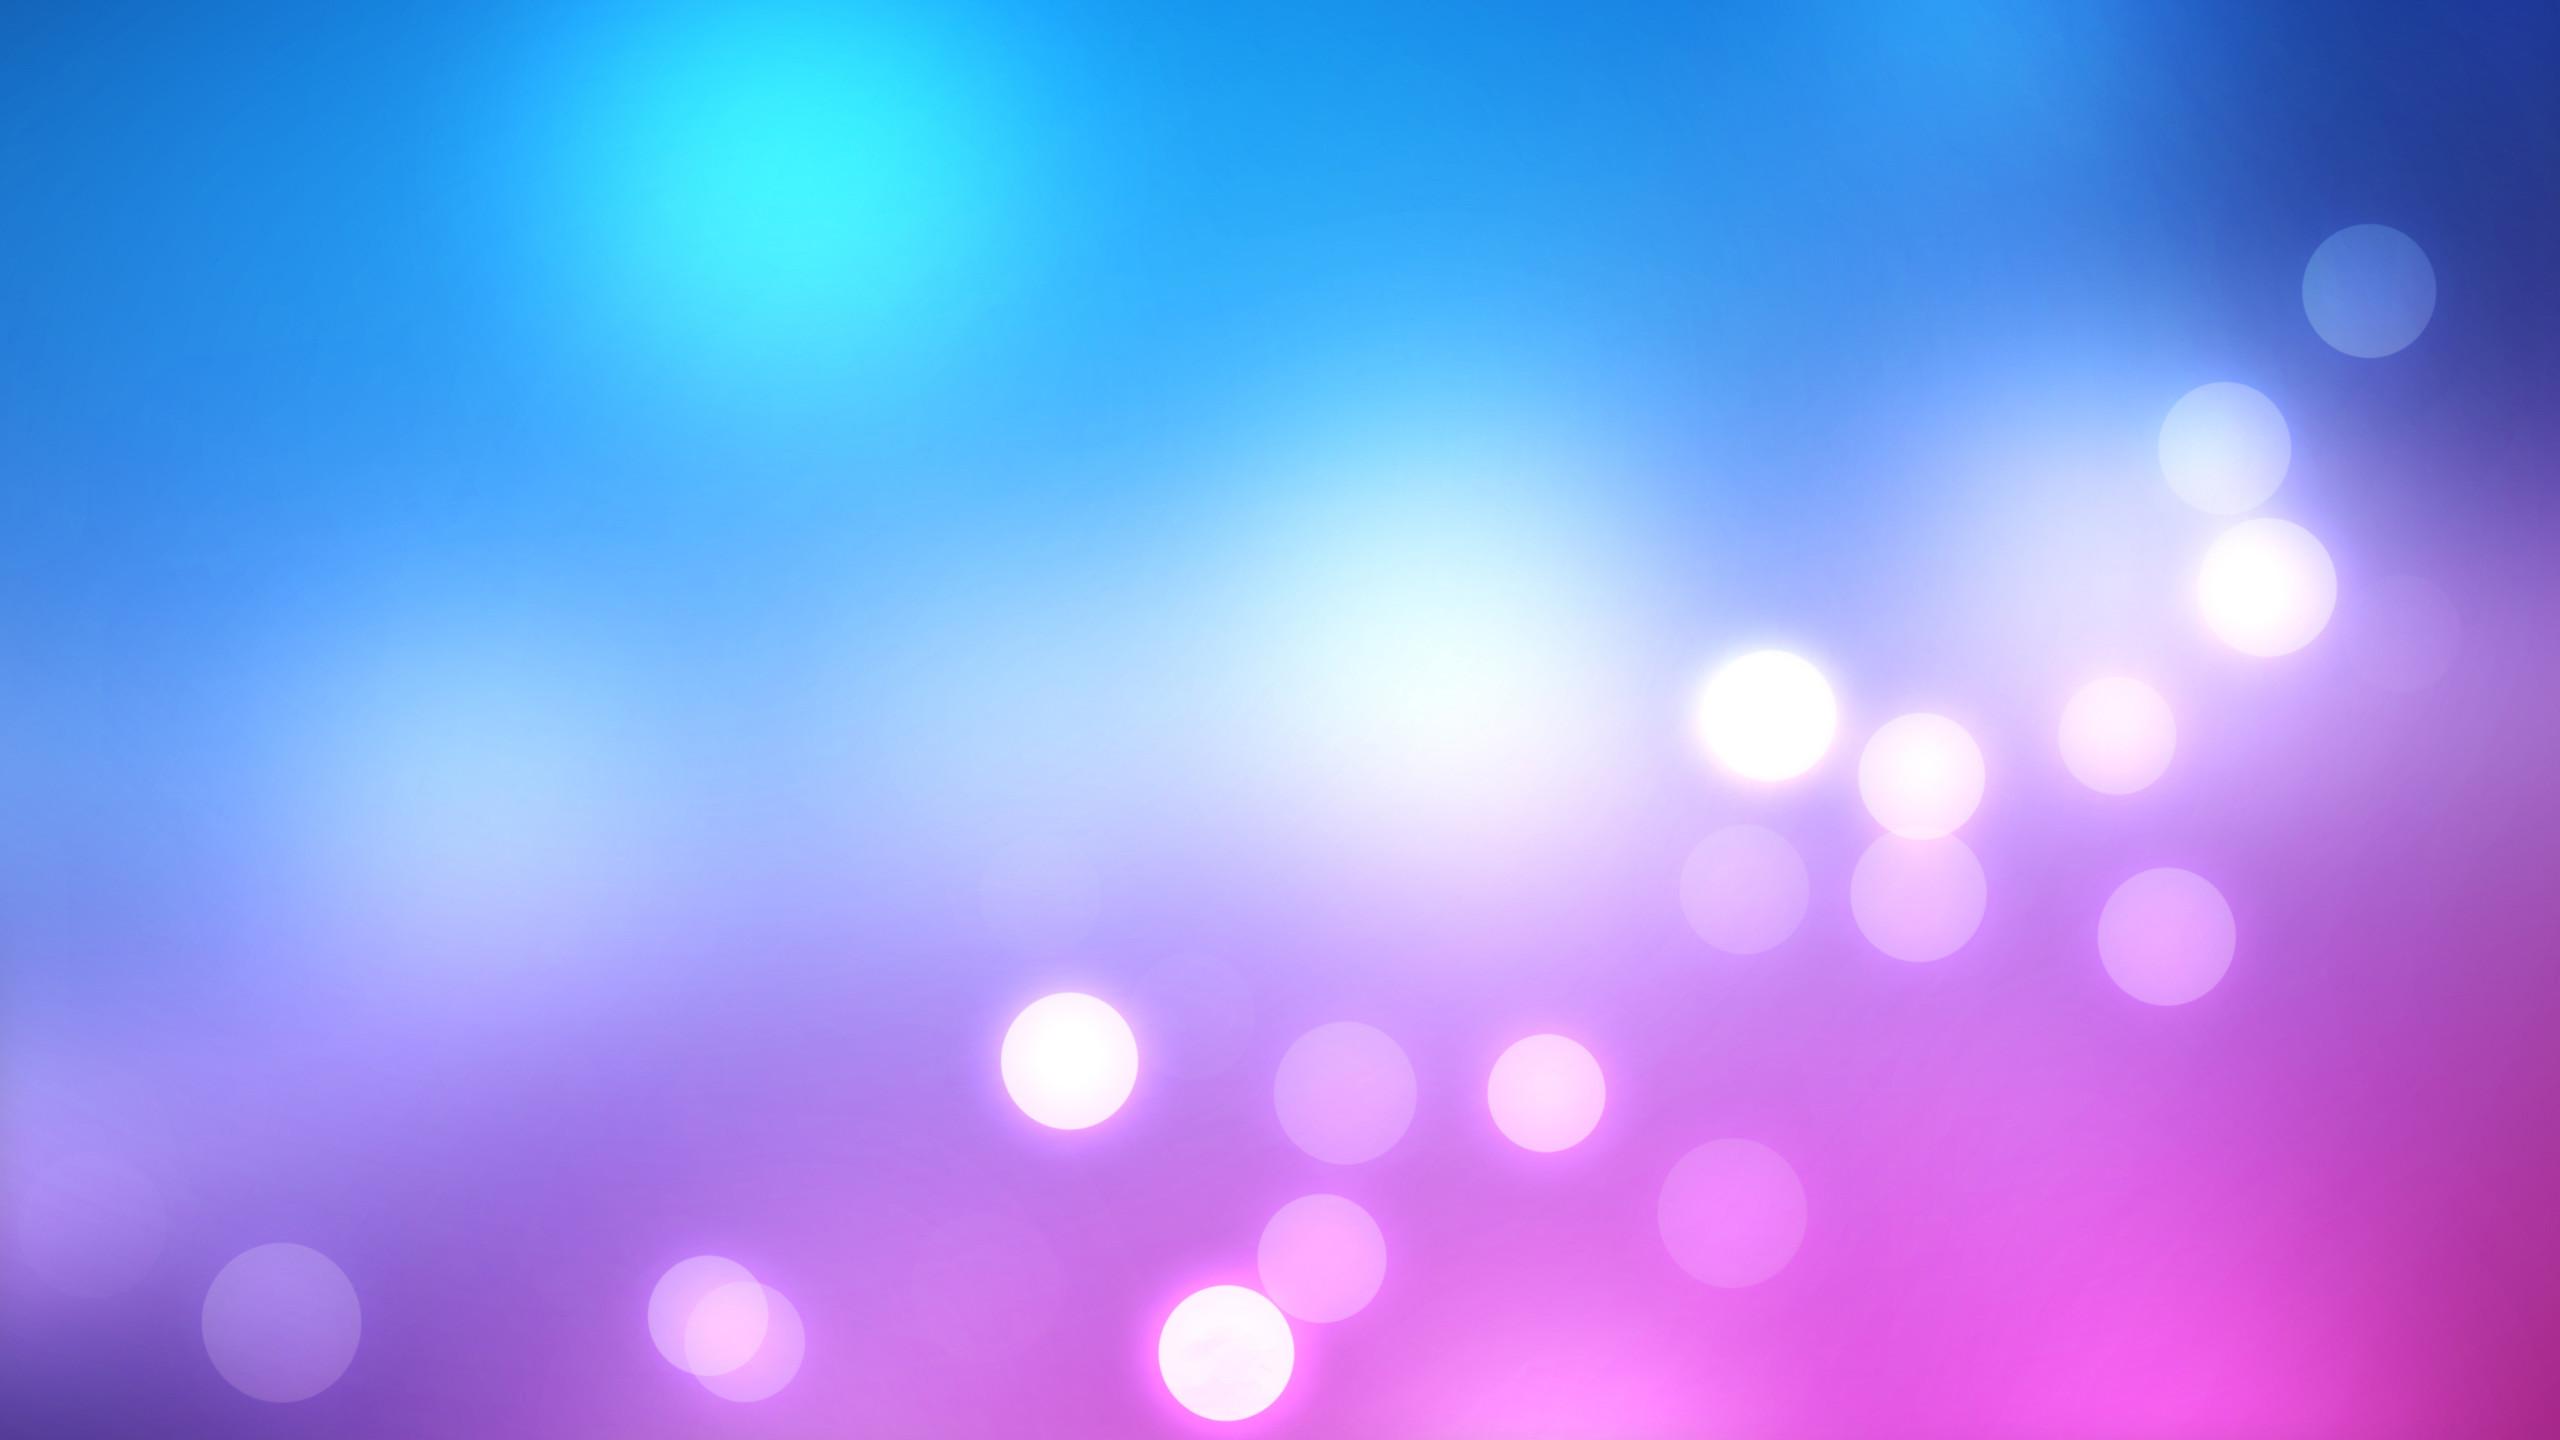 … purple wallpapers blue lights bokeh wallpaper desktop …